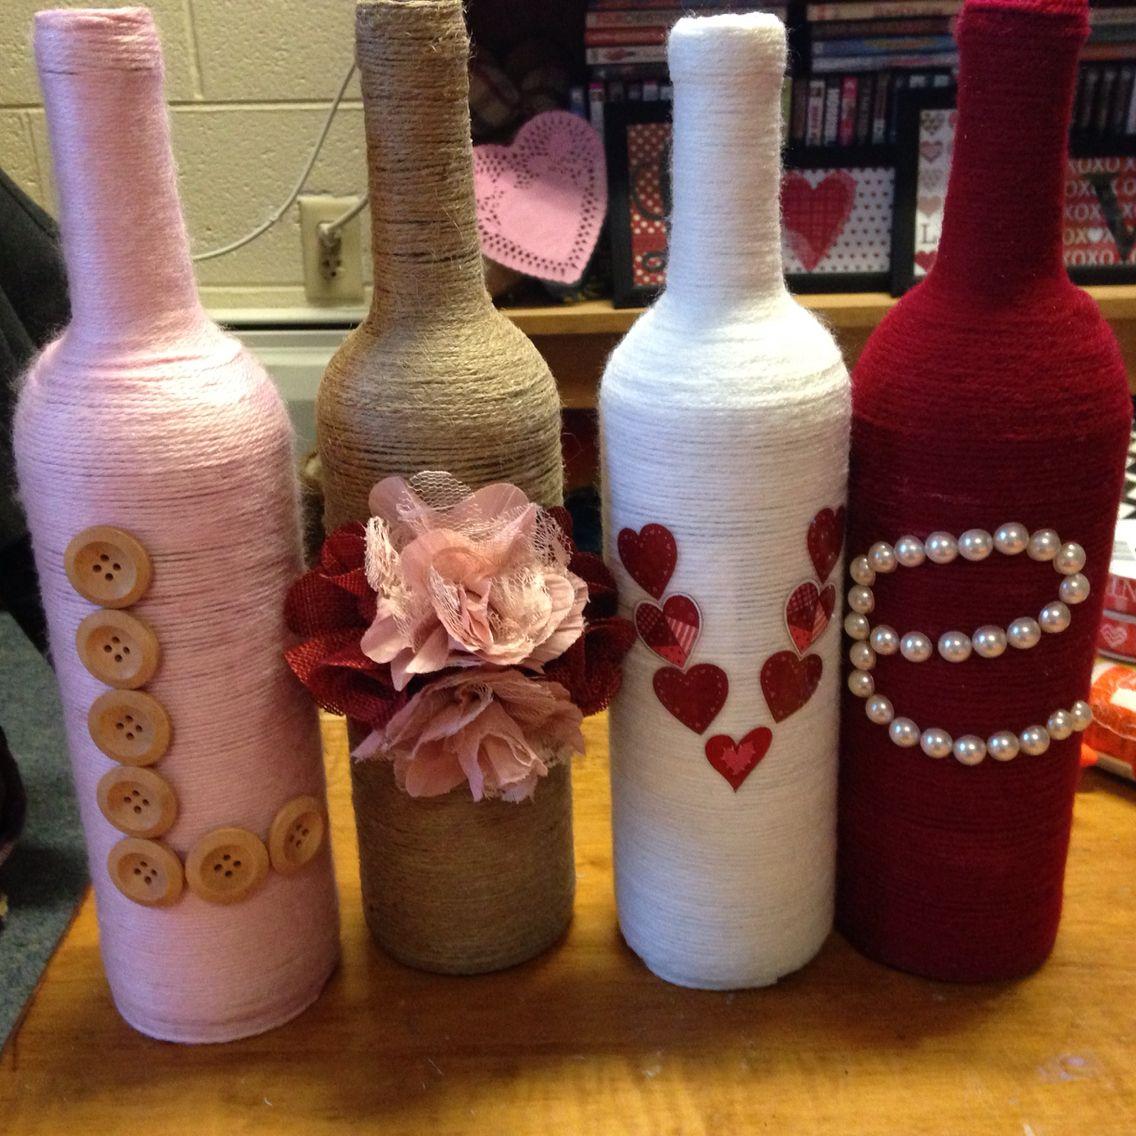 Valentines Day Wine Bottles Diy Valentines Decorations Wine Bottle Diy Crafts Bottle Crafts